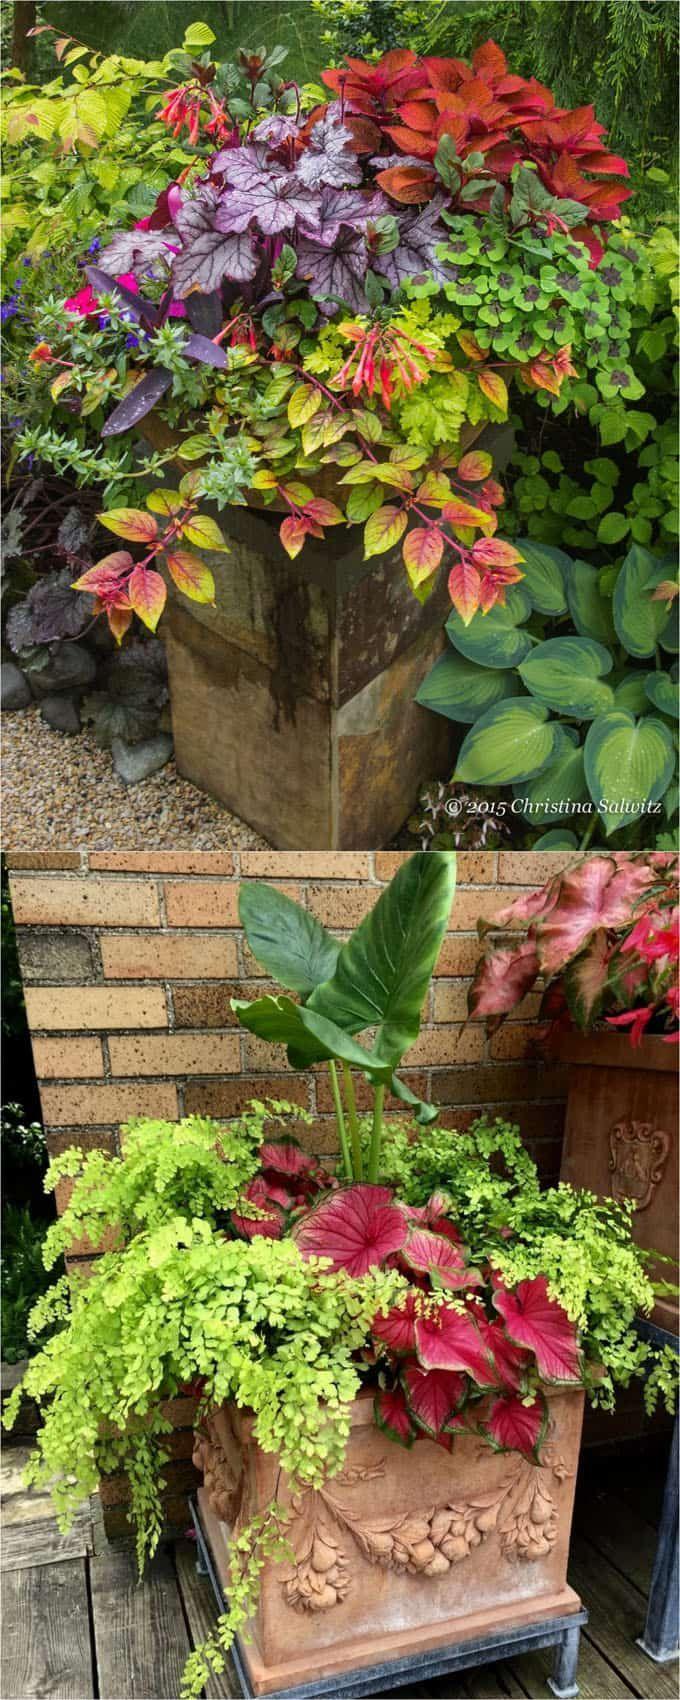 1724 best Front yards images on Pinterest | Gardening, Garden ideas ...